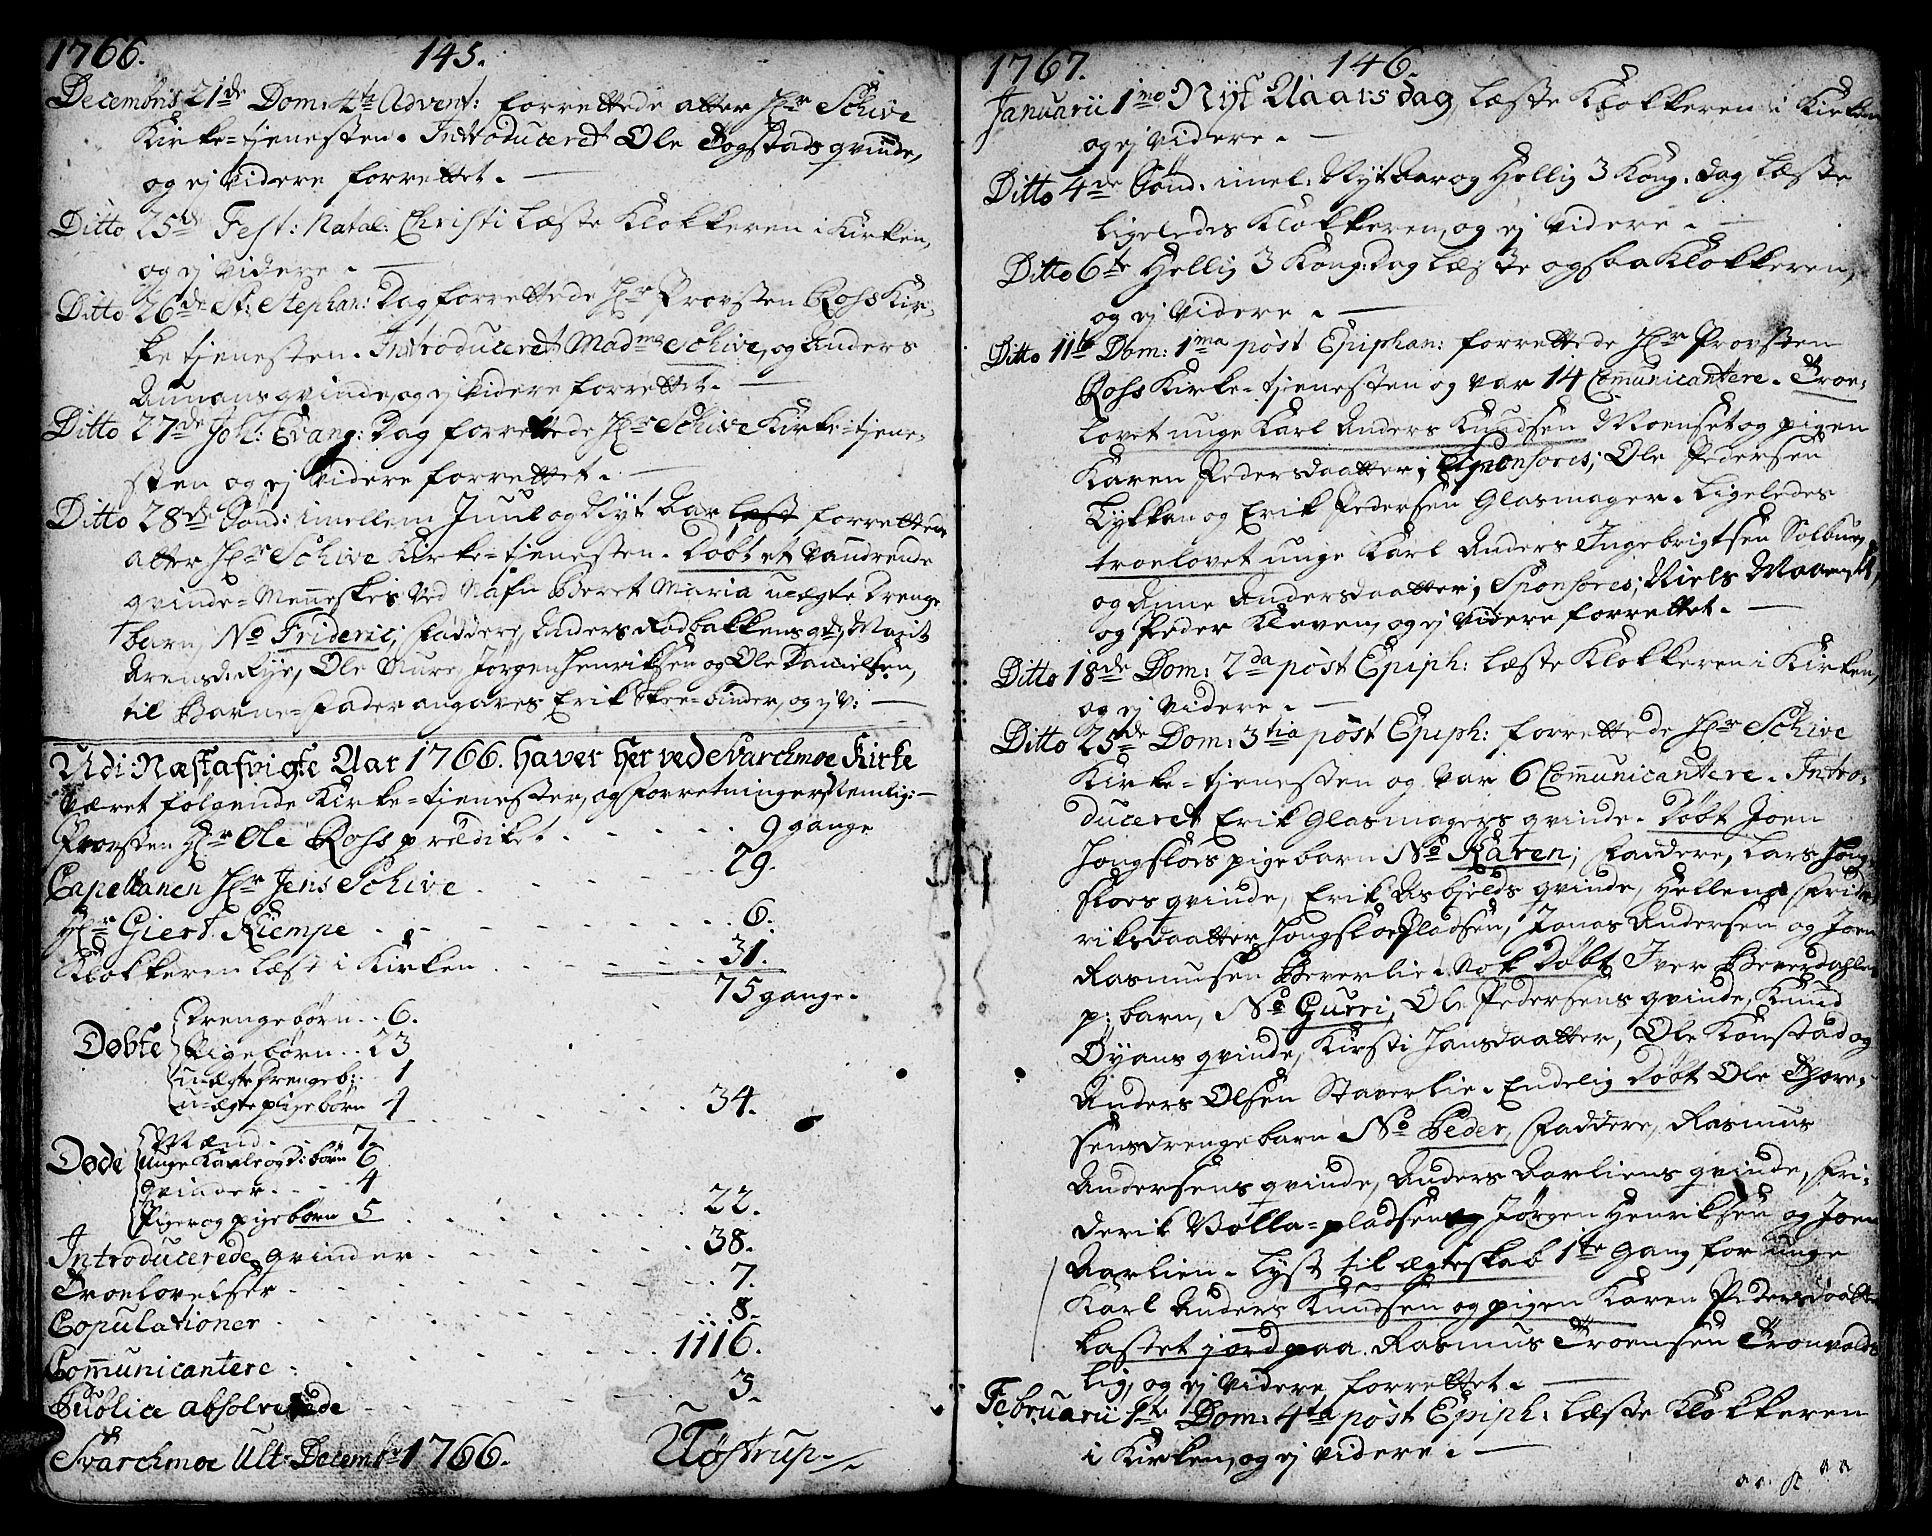 SAT, Ministerialprotokoller, klokkerbøker og fødselsregistre - Sør-Trøndelag, 671/L0840: Ministerialbok nr. 671A02, 1756-1794, s. 145-146